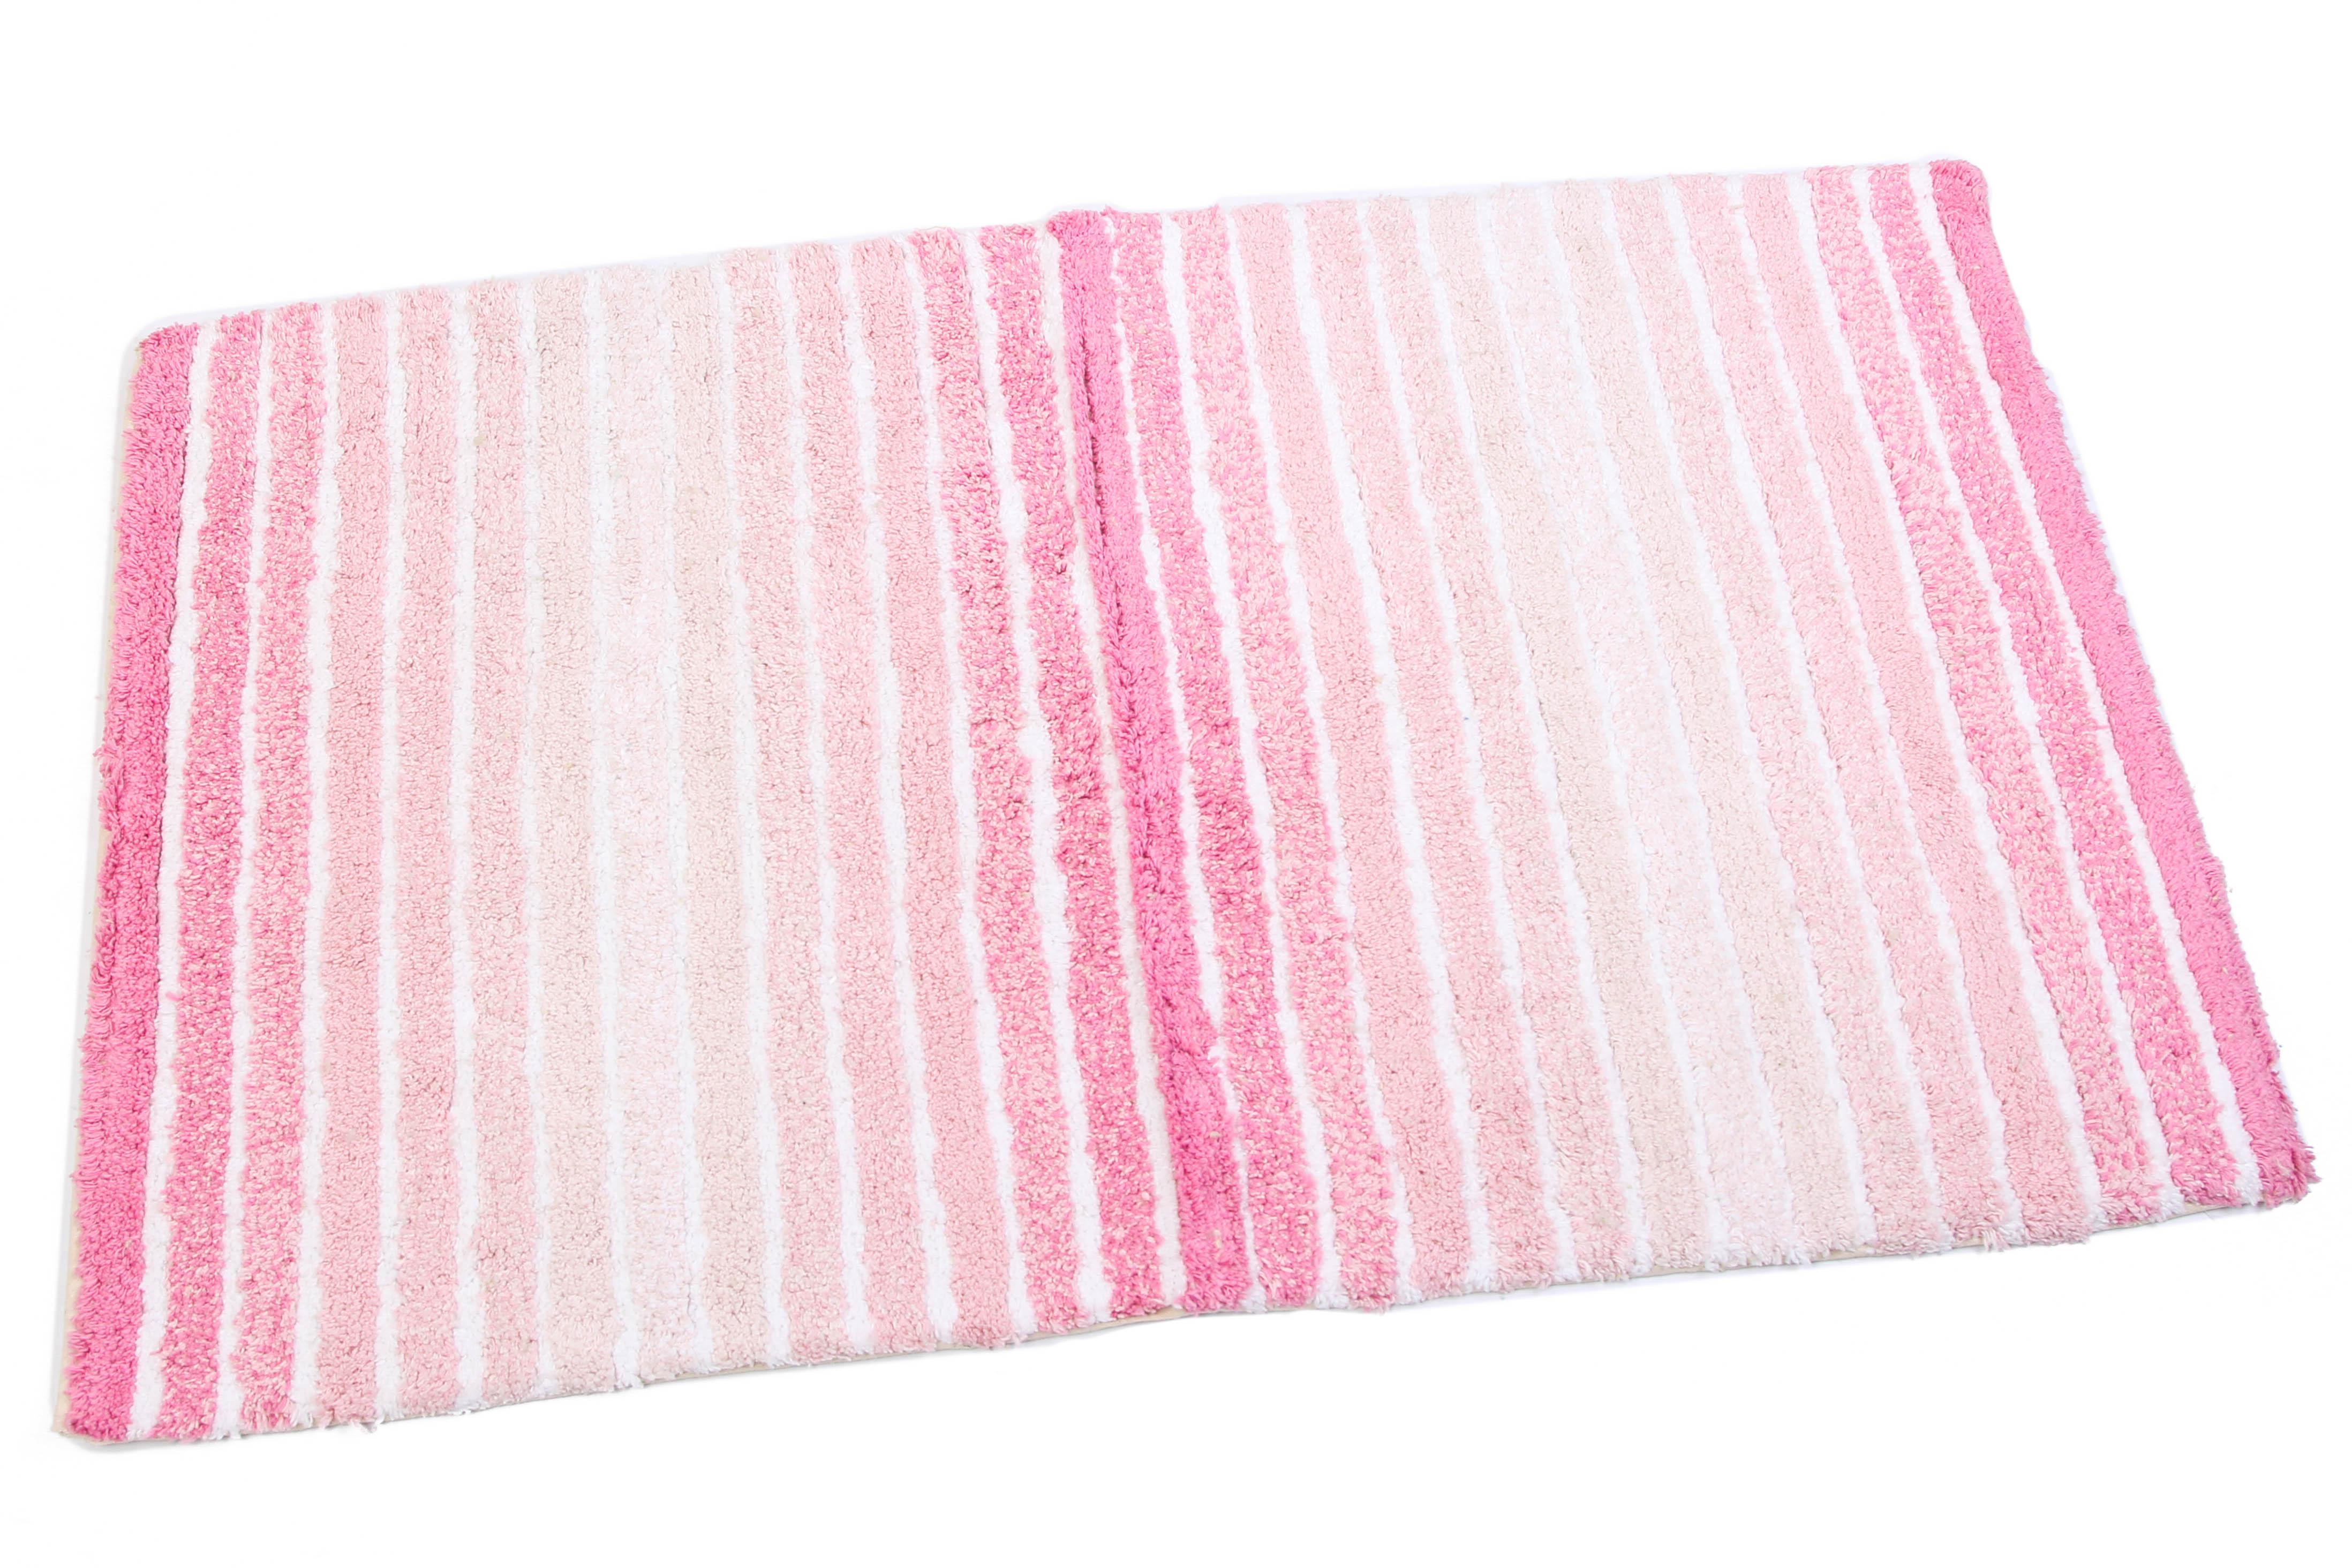 Аксессуары для ванной и туалета Ганг Коврик для ванной Luvinia Цвет: Розовый (50х80 см) коврик для ванной арти м 50х80 см розанна